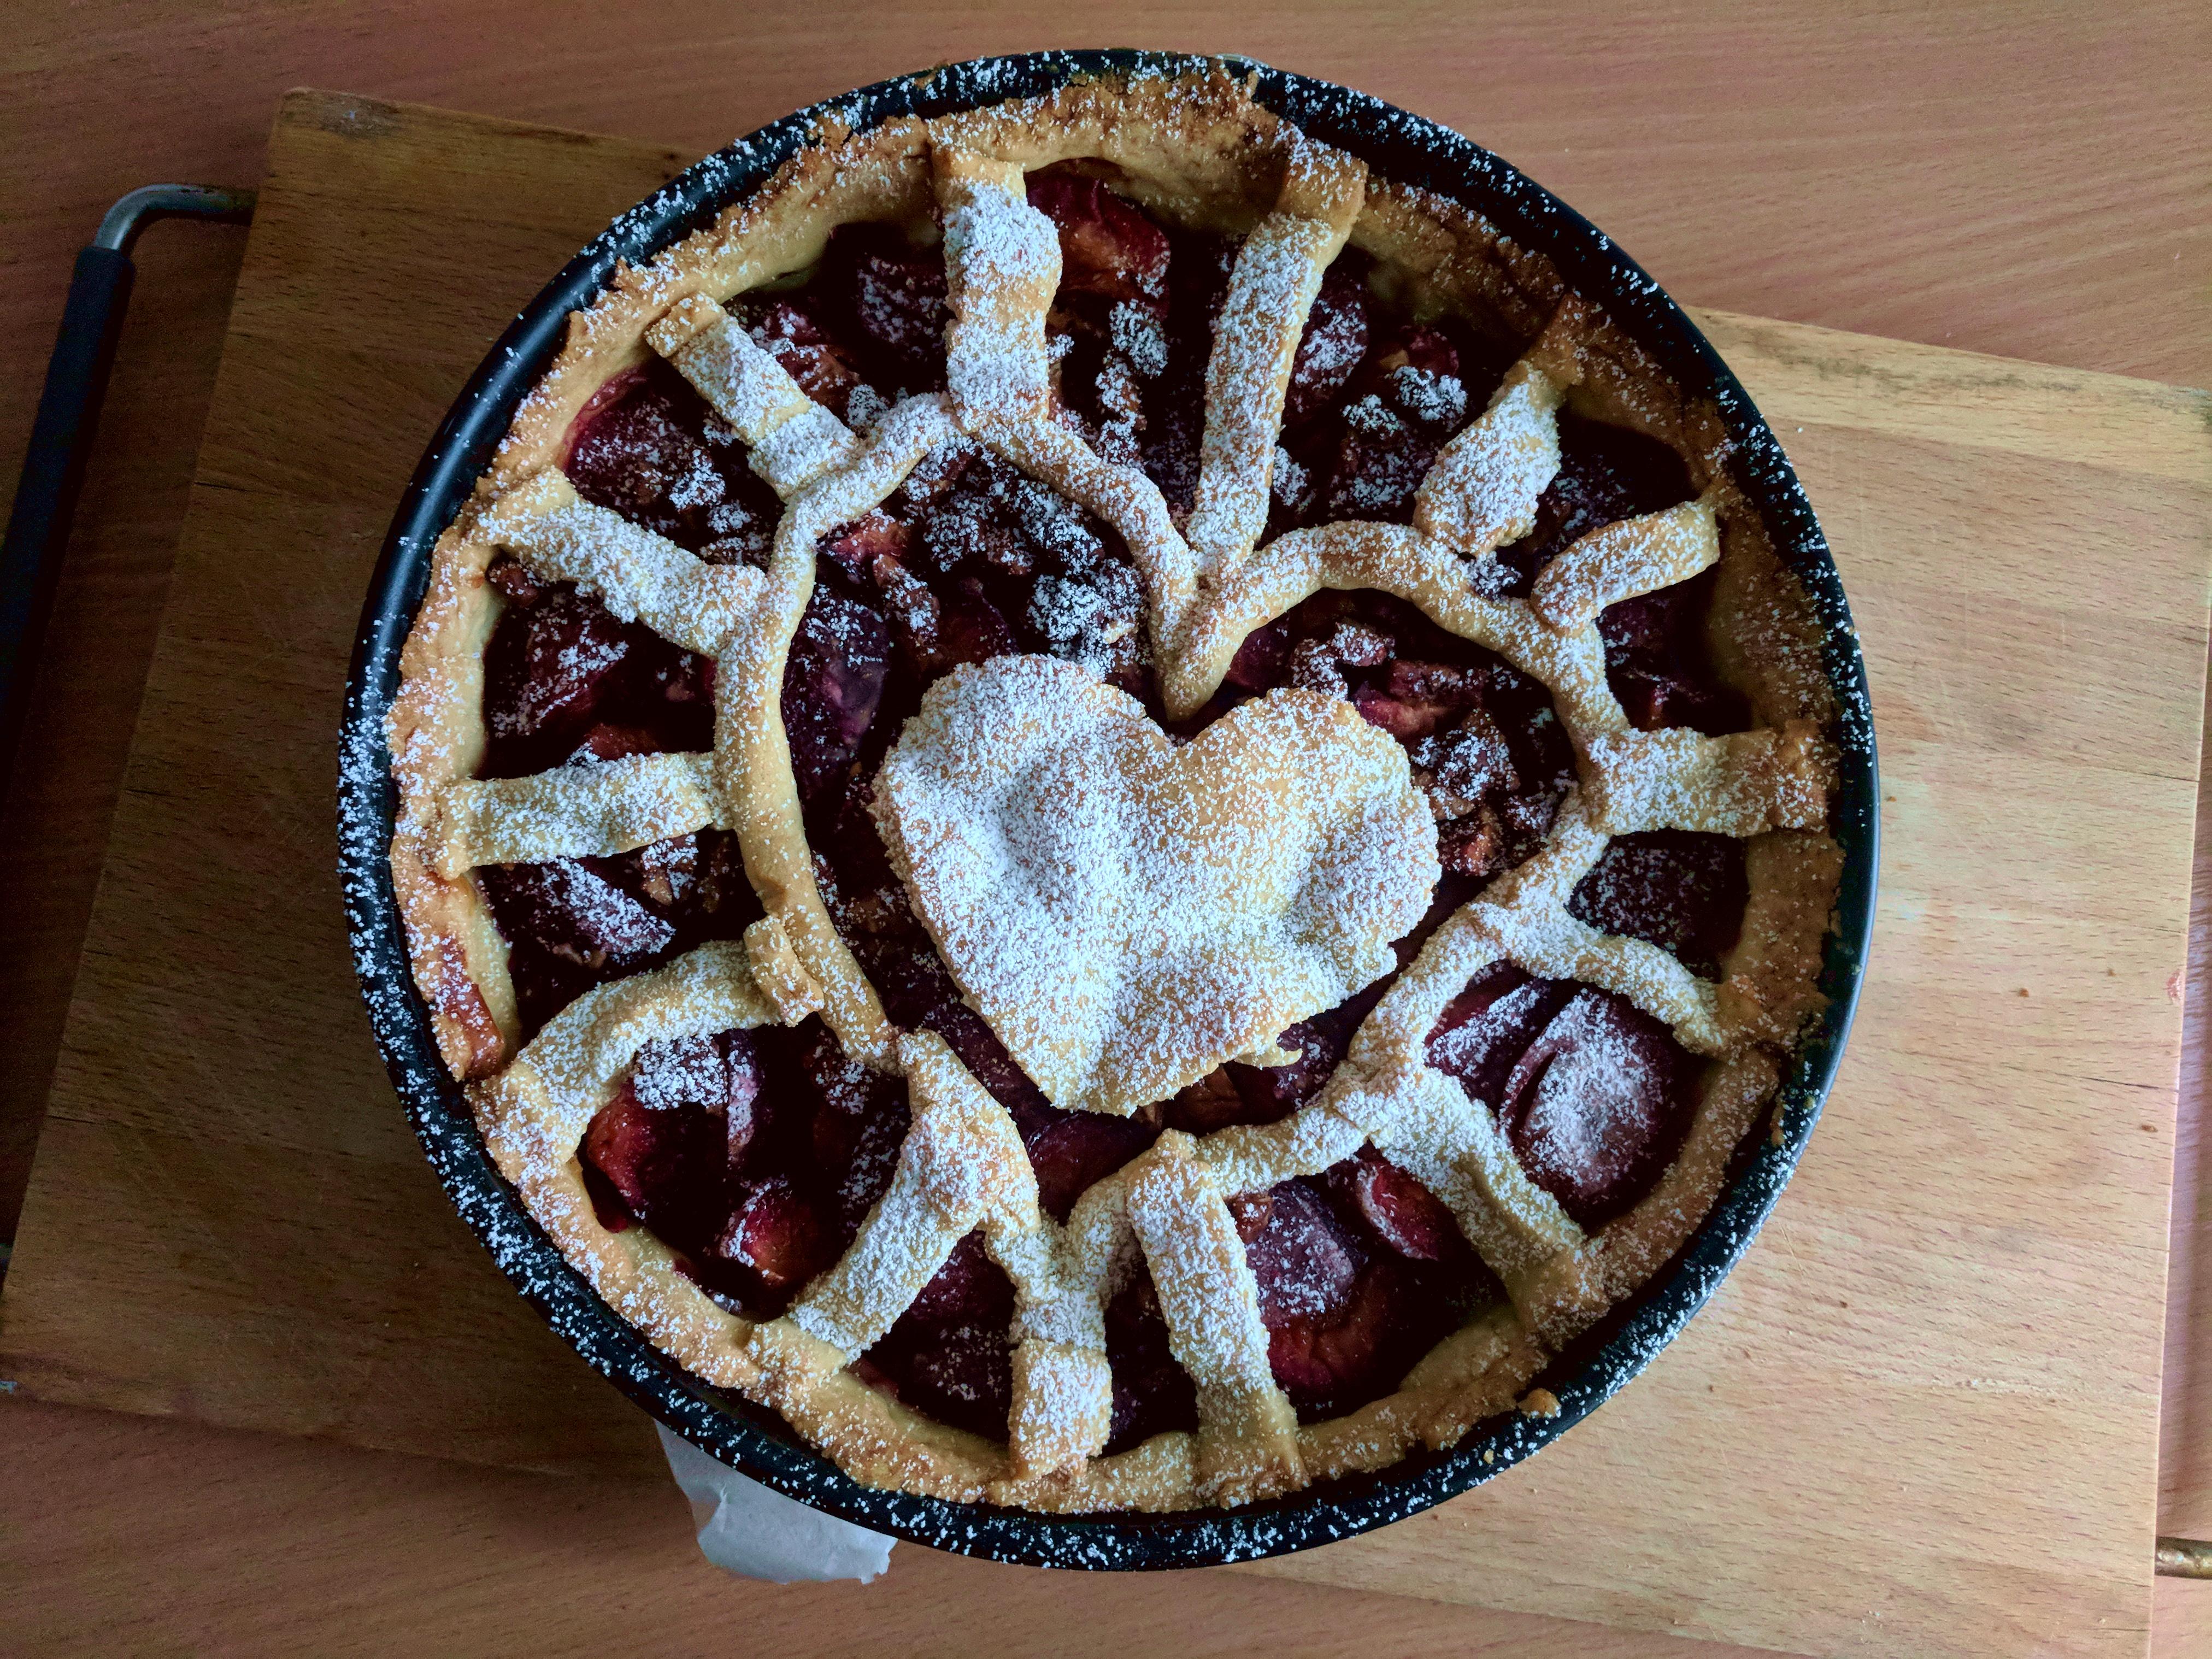 Pflaumen Pie